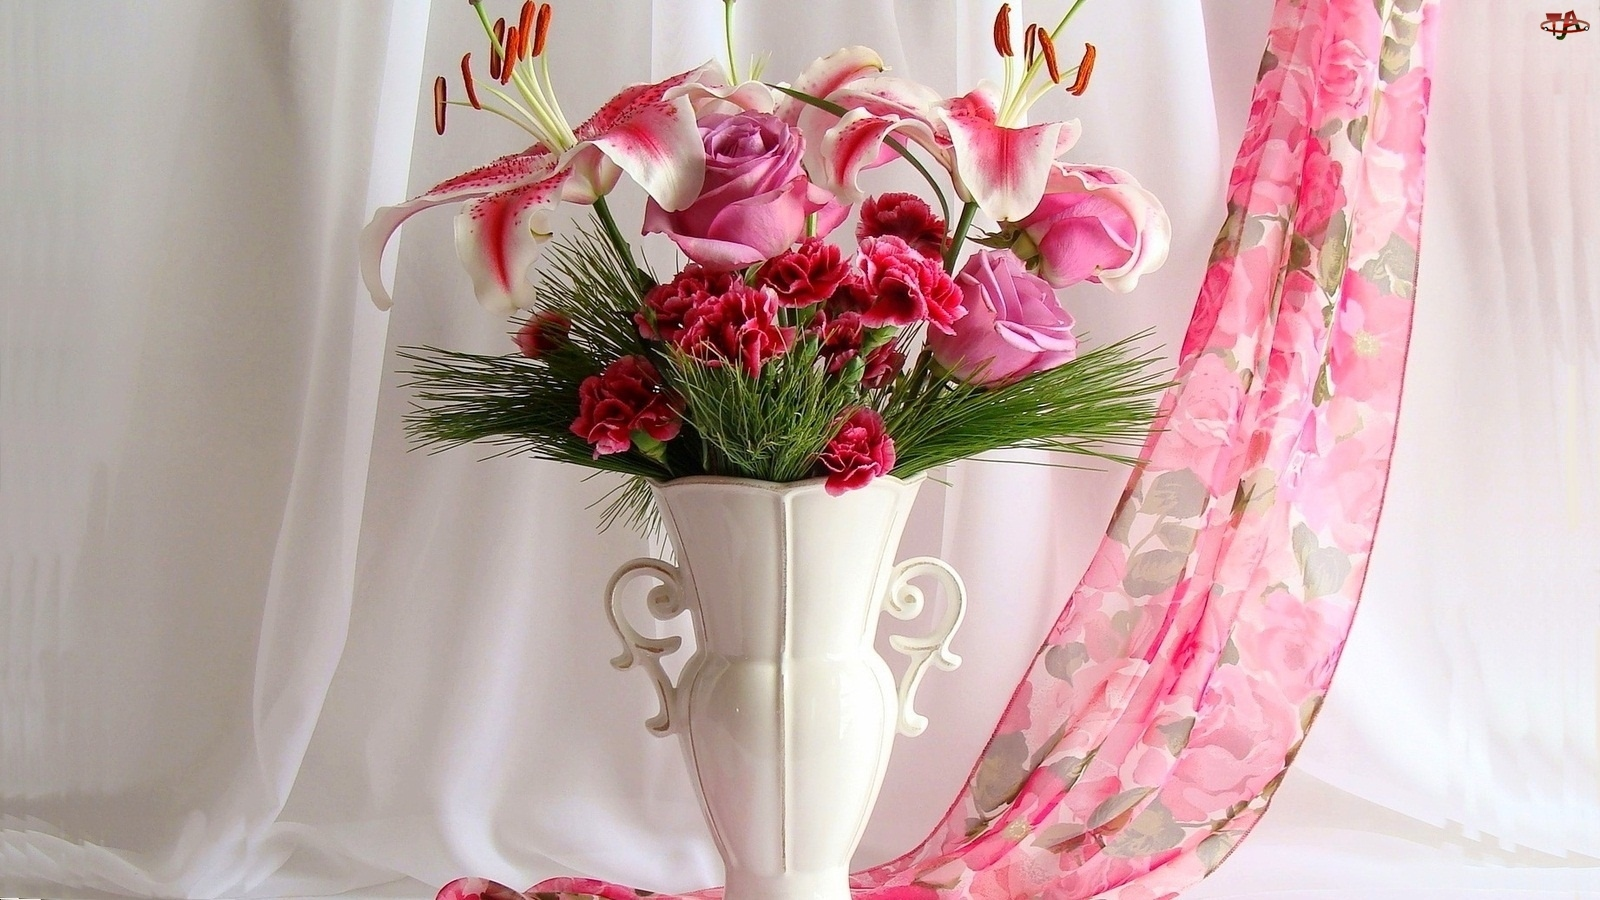 Bukiet, Kolorowy, Biały, Szal, Wazon, Kwiatów